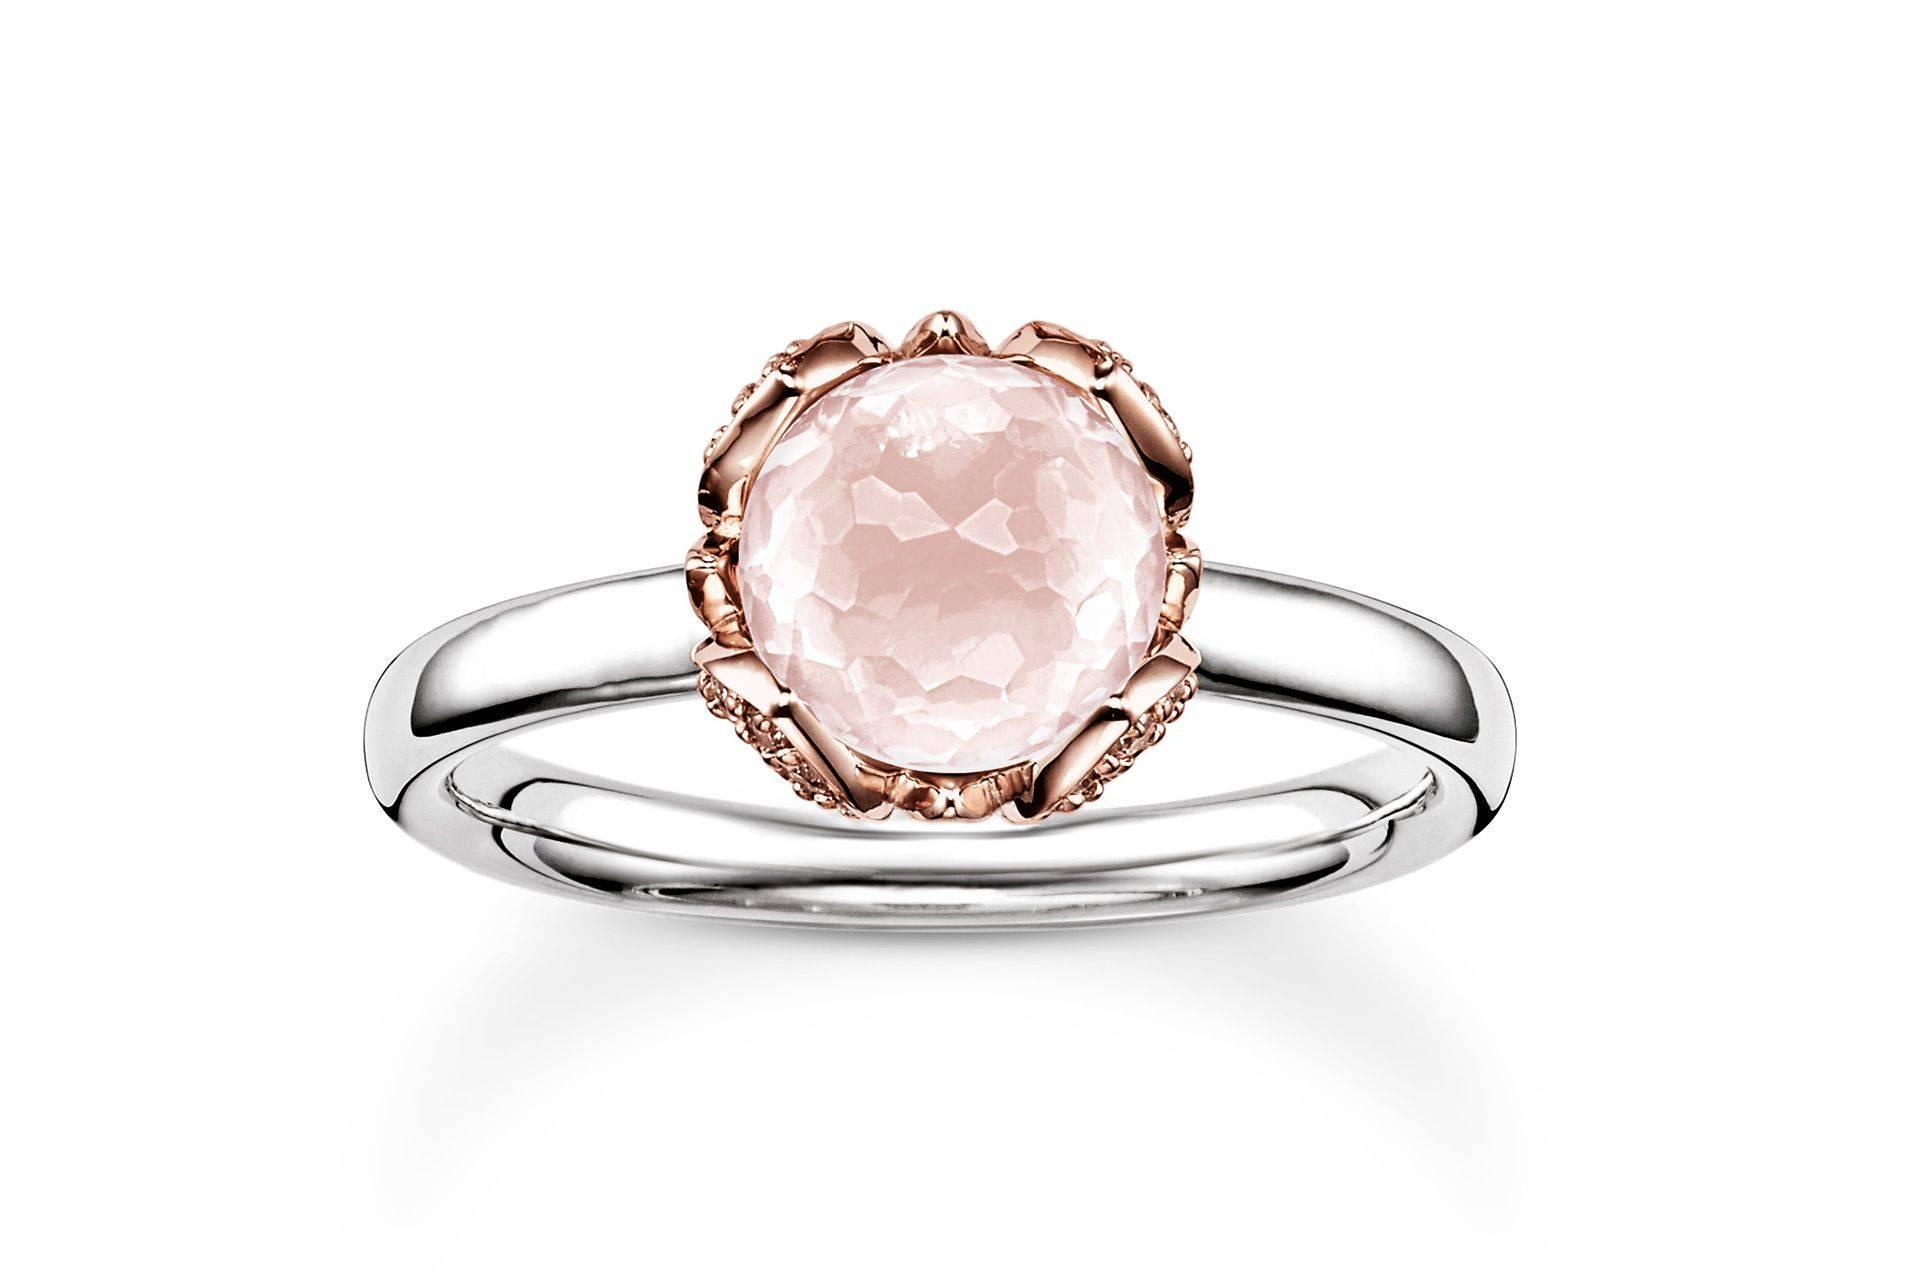 Best Alternative Engagement Rings